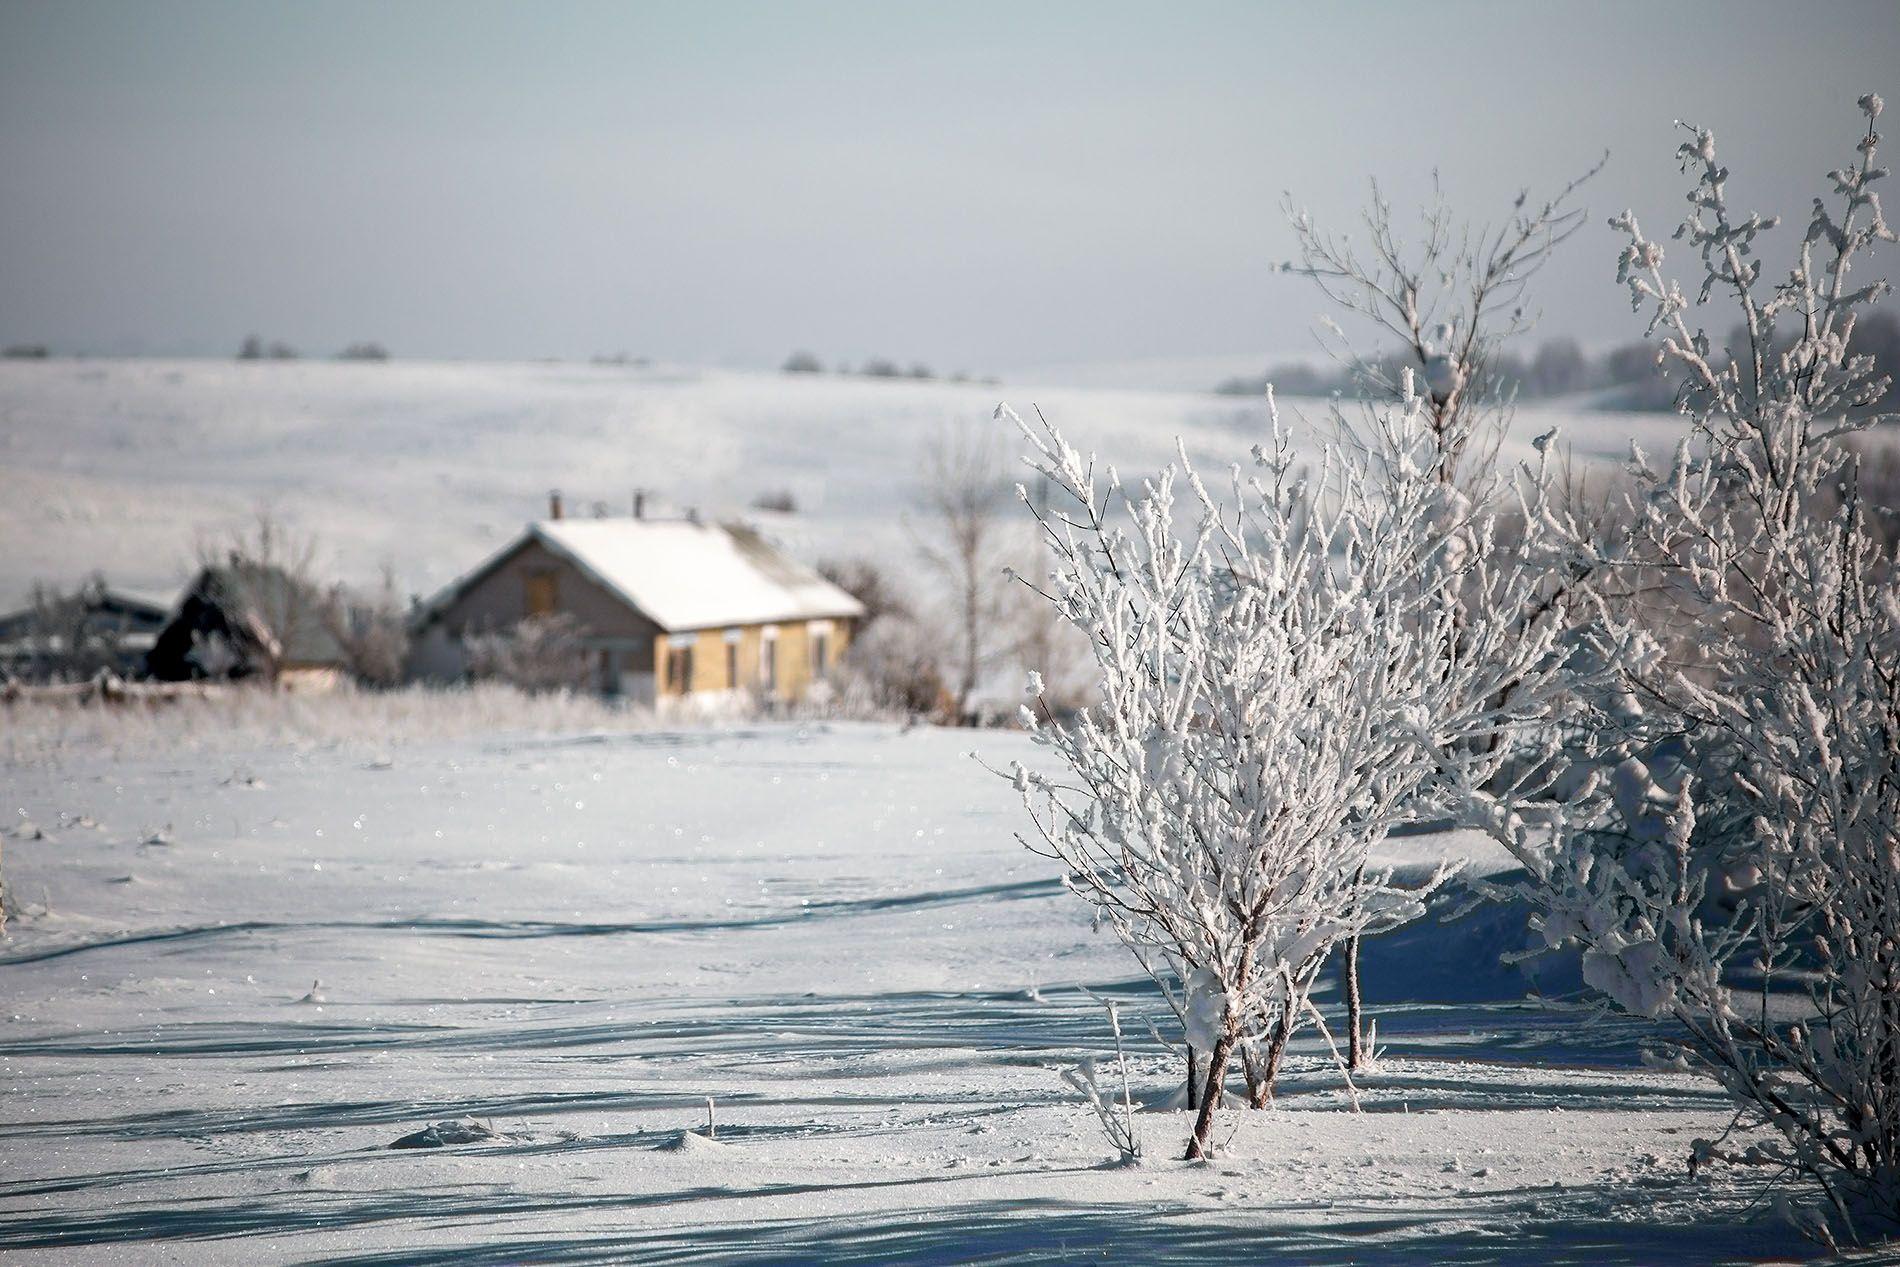 снег зима деревня, Качурин Алексей